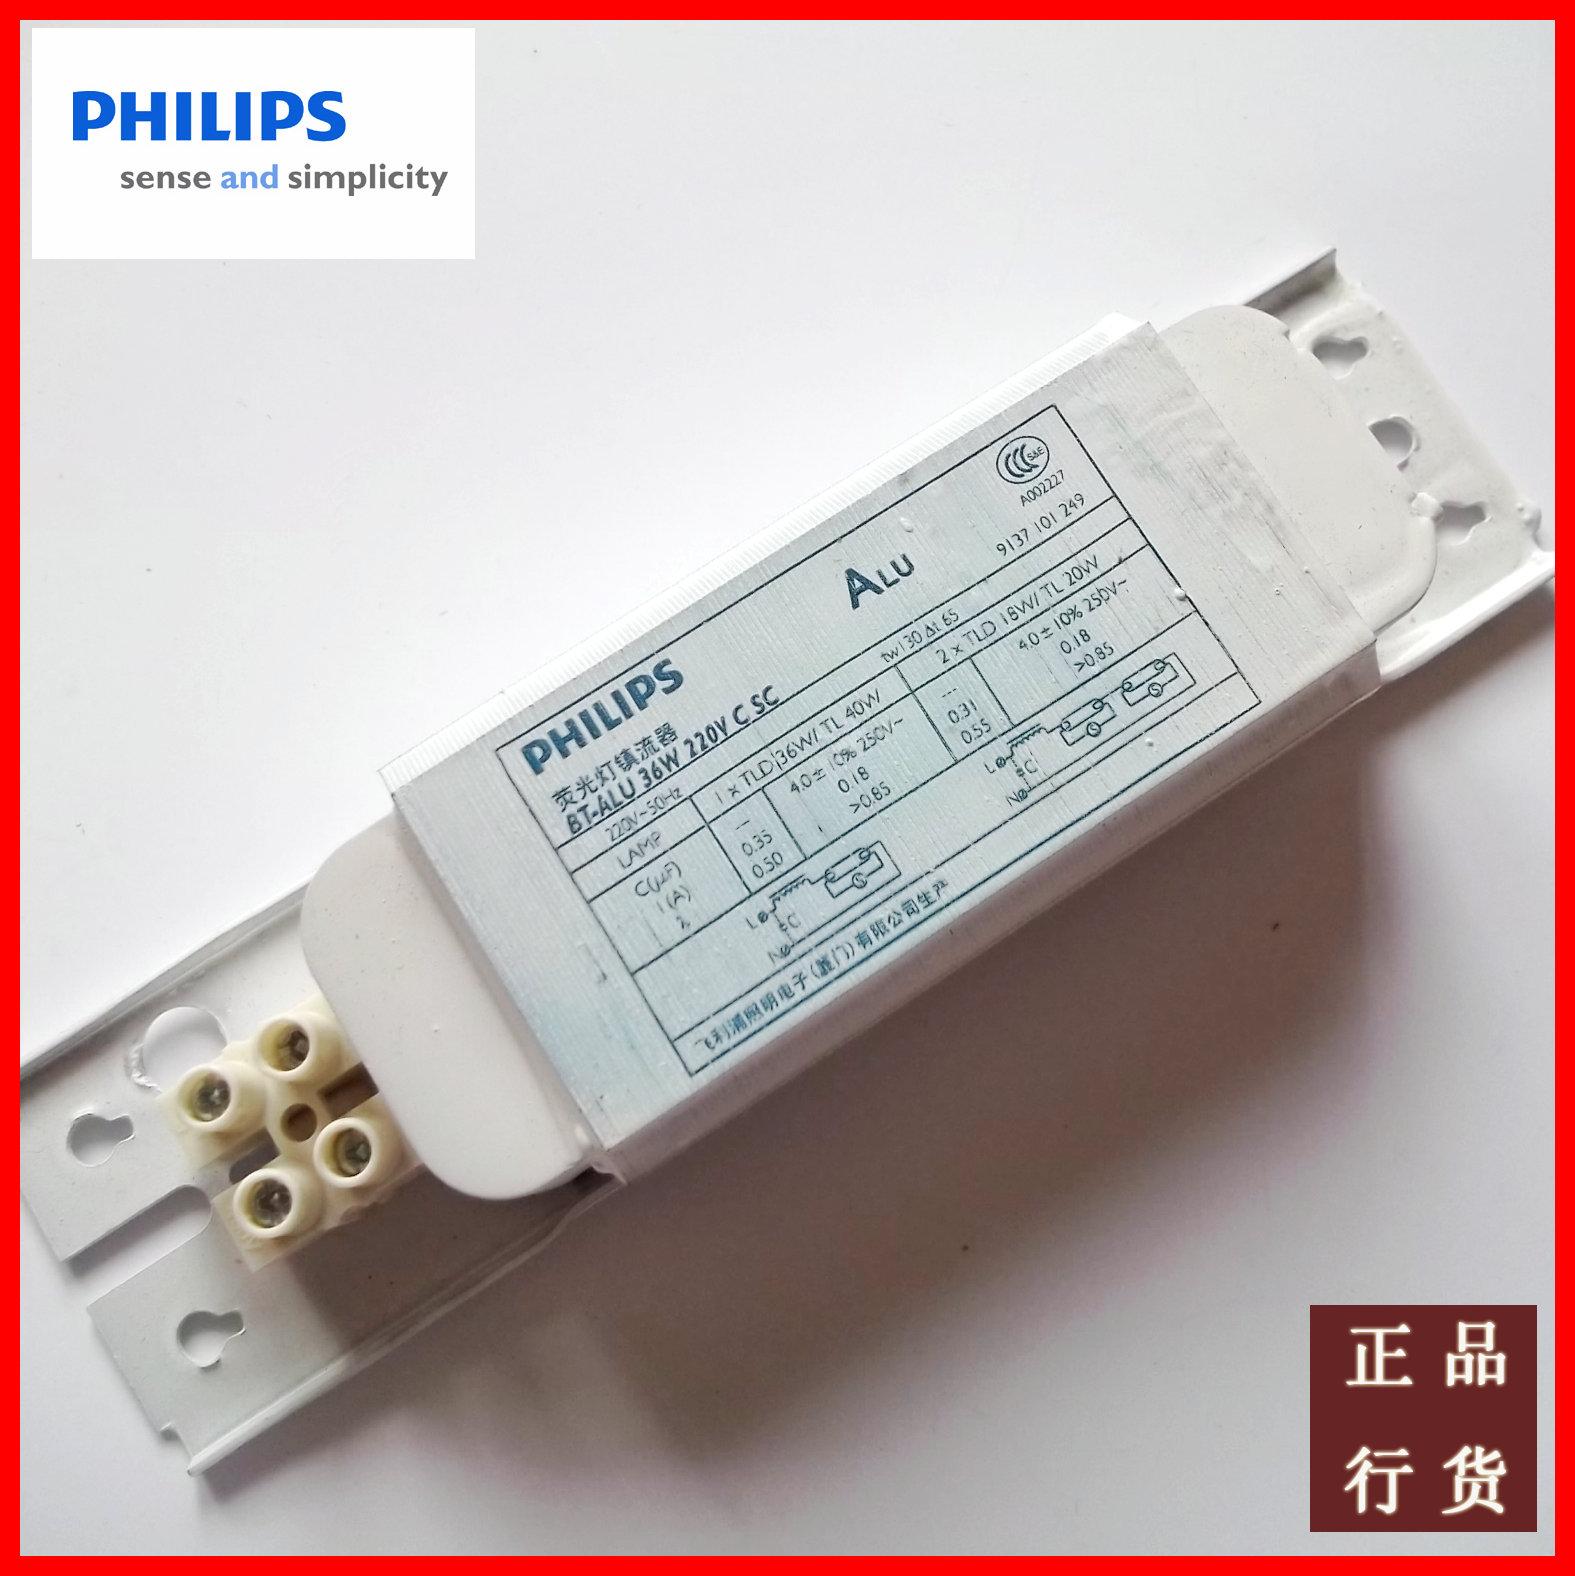 飞利浦日光灯镇流器输出电压是多少,输入为220V高清图片